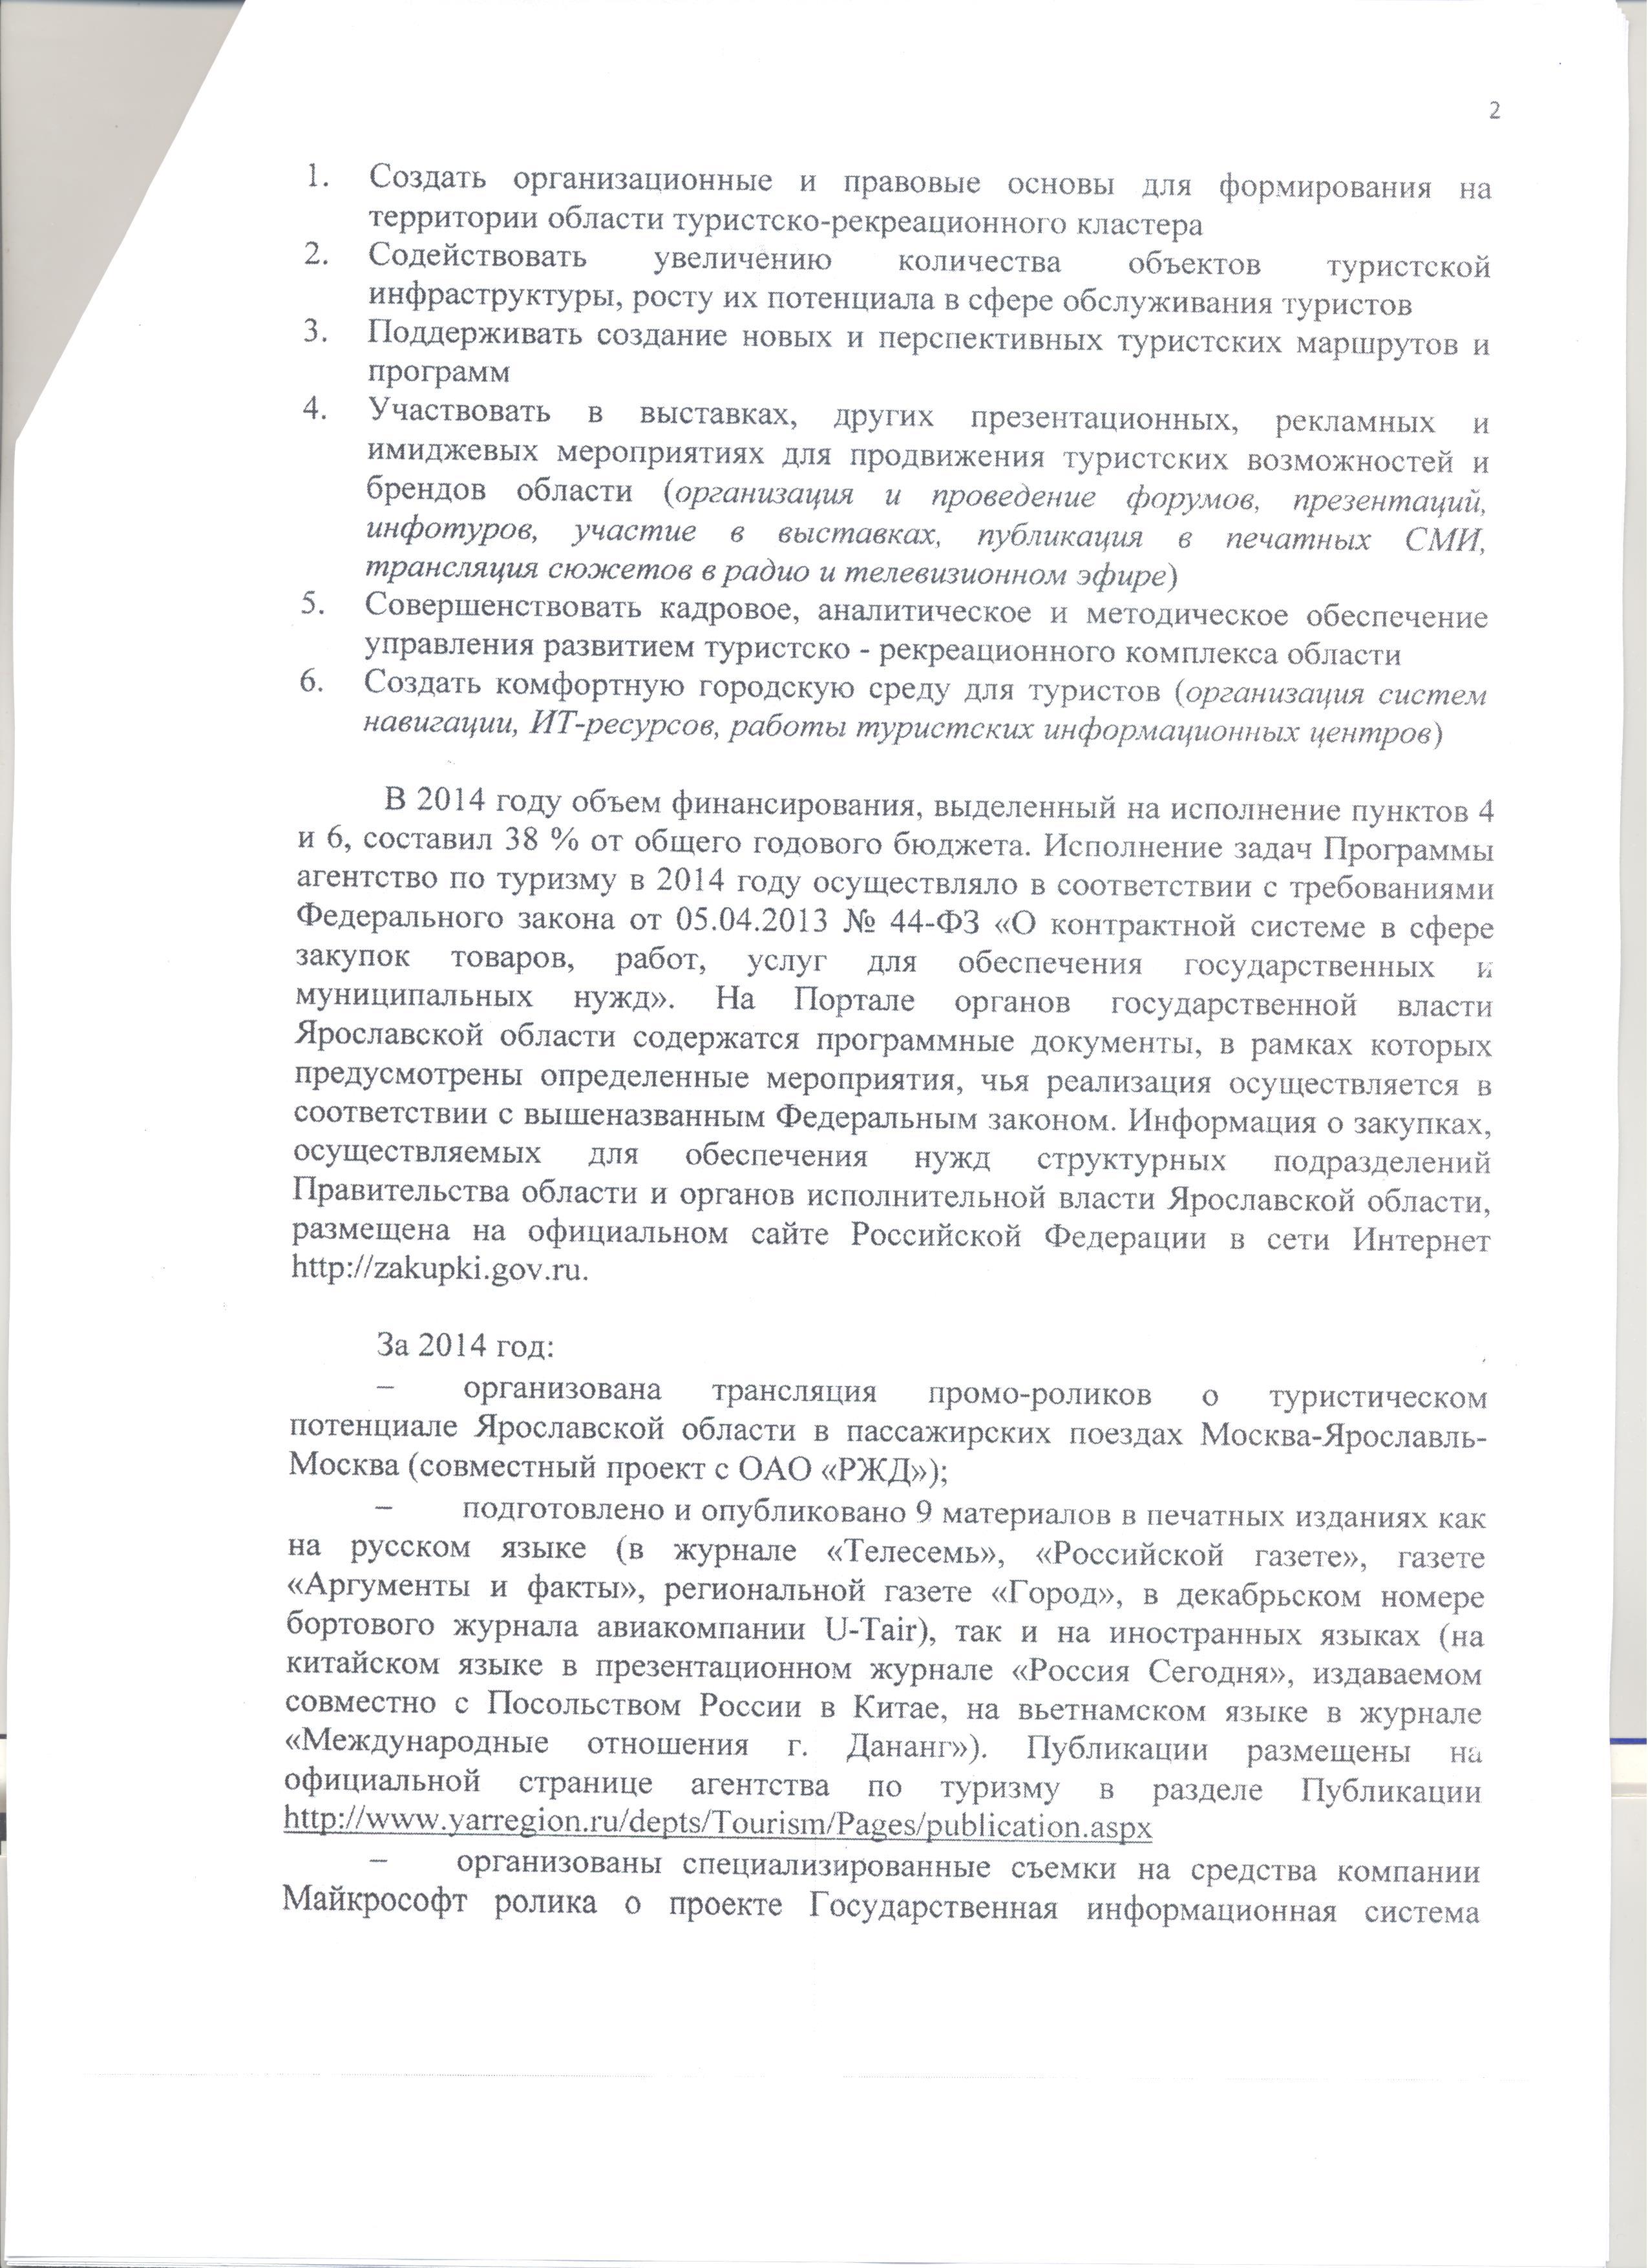 Ответ Ярославской Обл.3